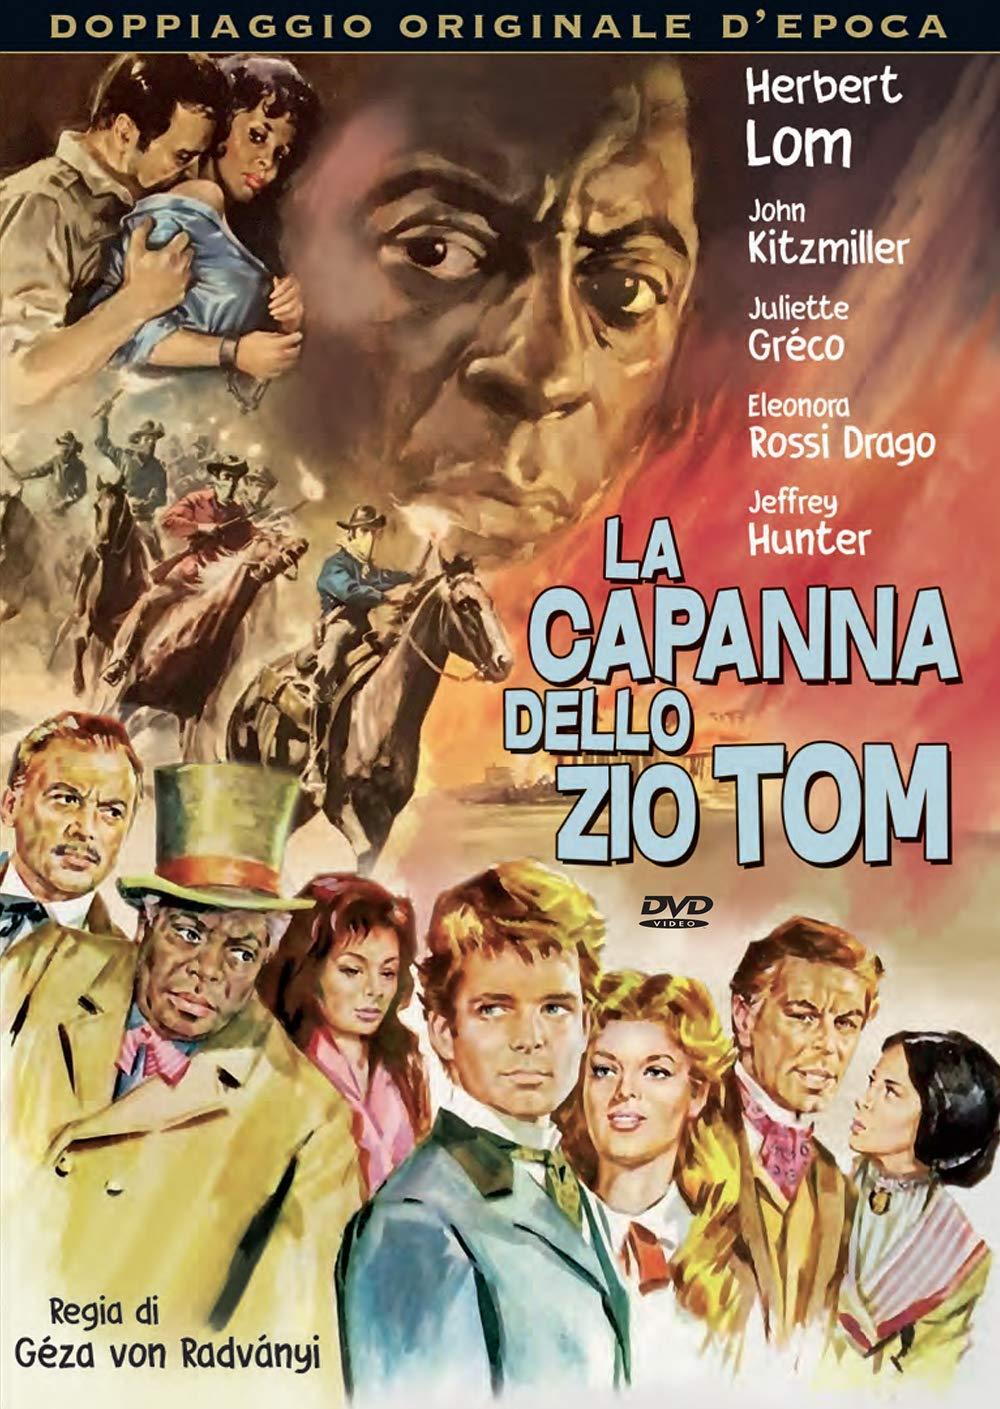 LA CAPANNA DELLO ZIO TOM (DVD)